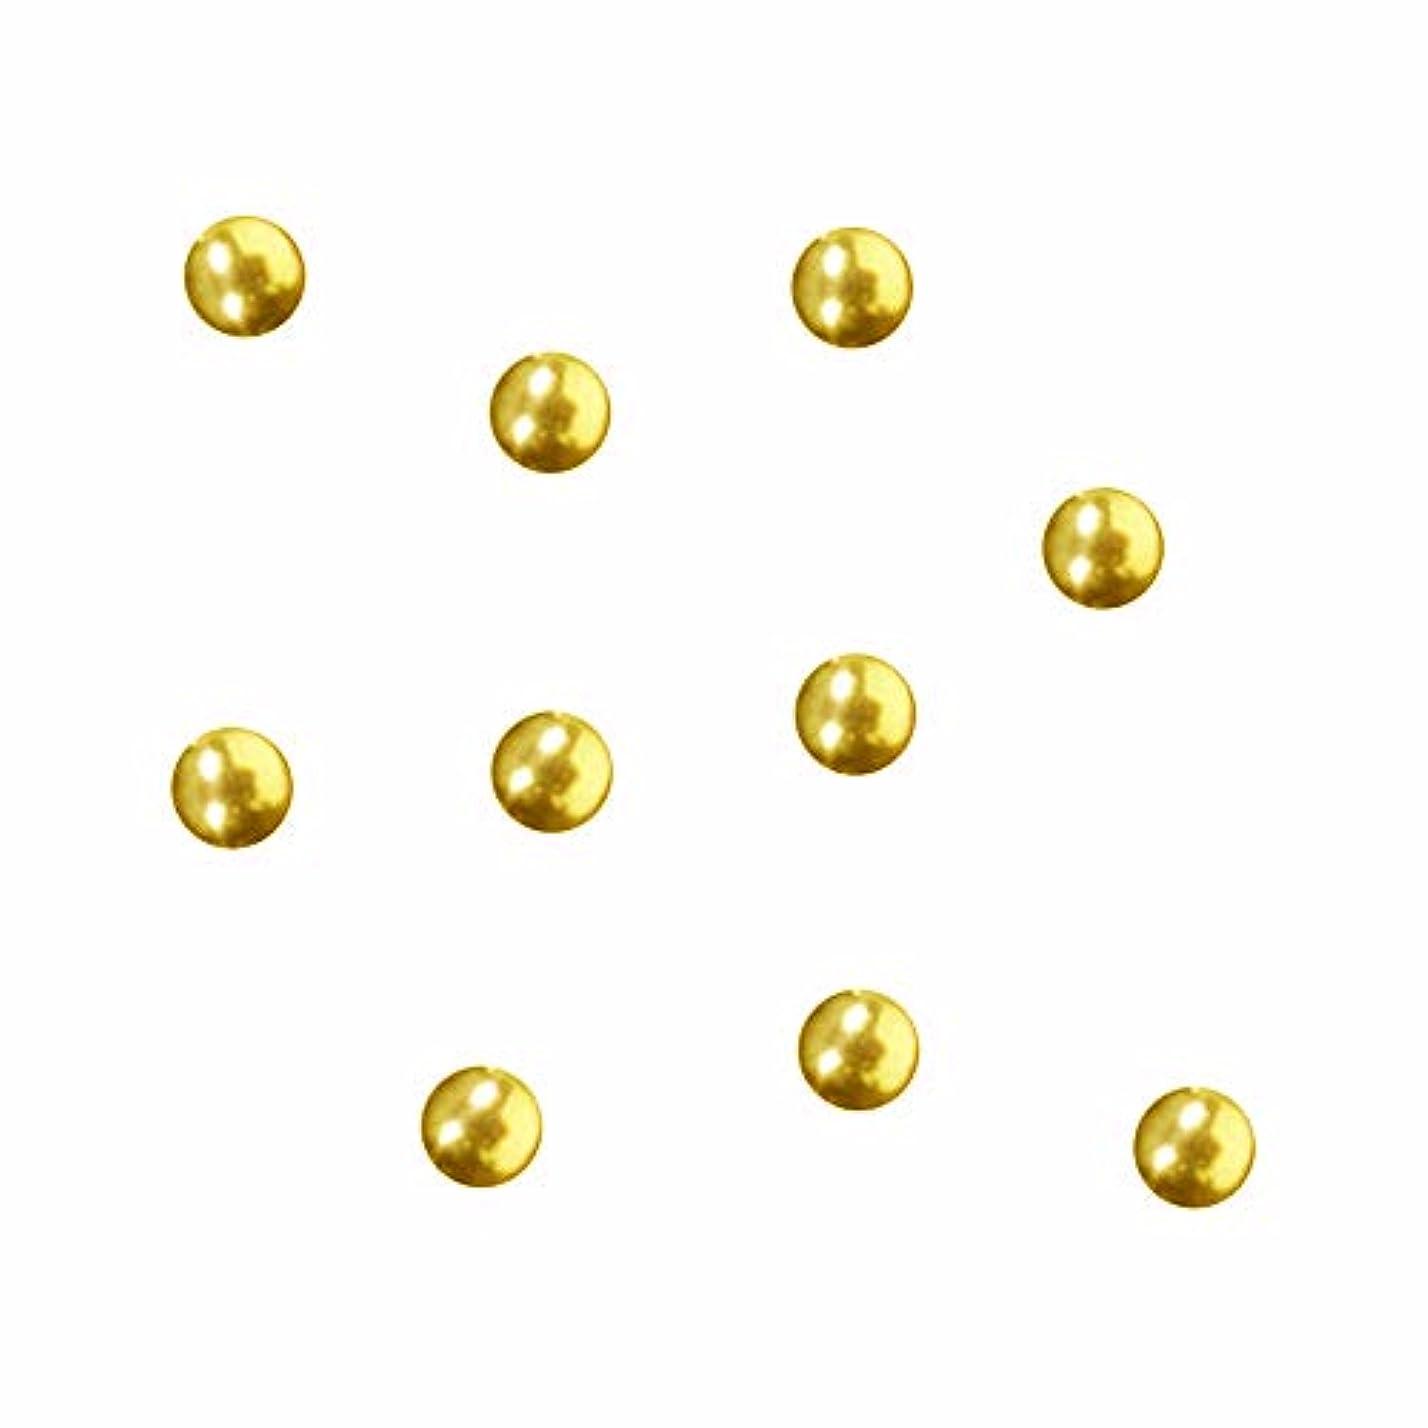 ゴール推進リーガンSWAROVSKI (スワロフスキー)ラウンドメタル ゴールド 2.0mm 50P